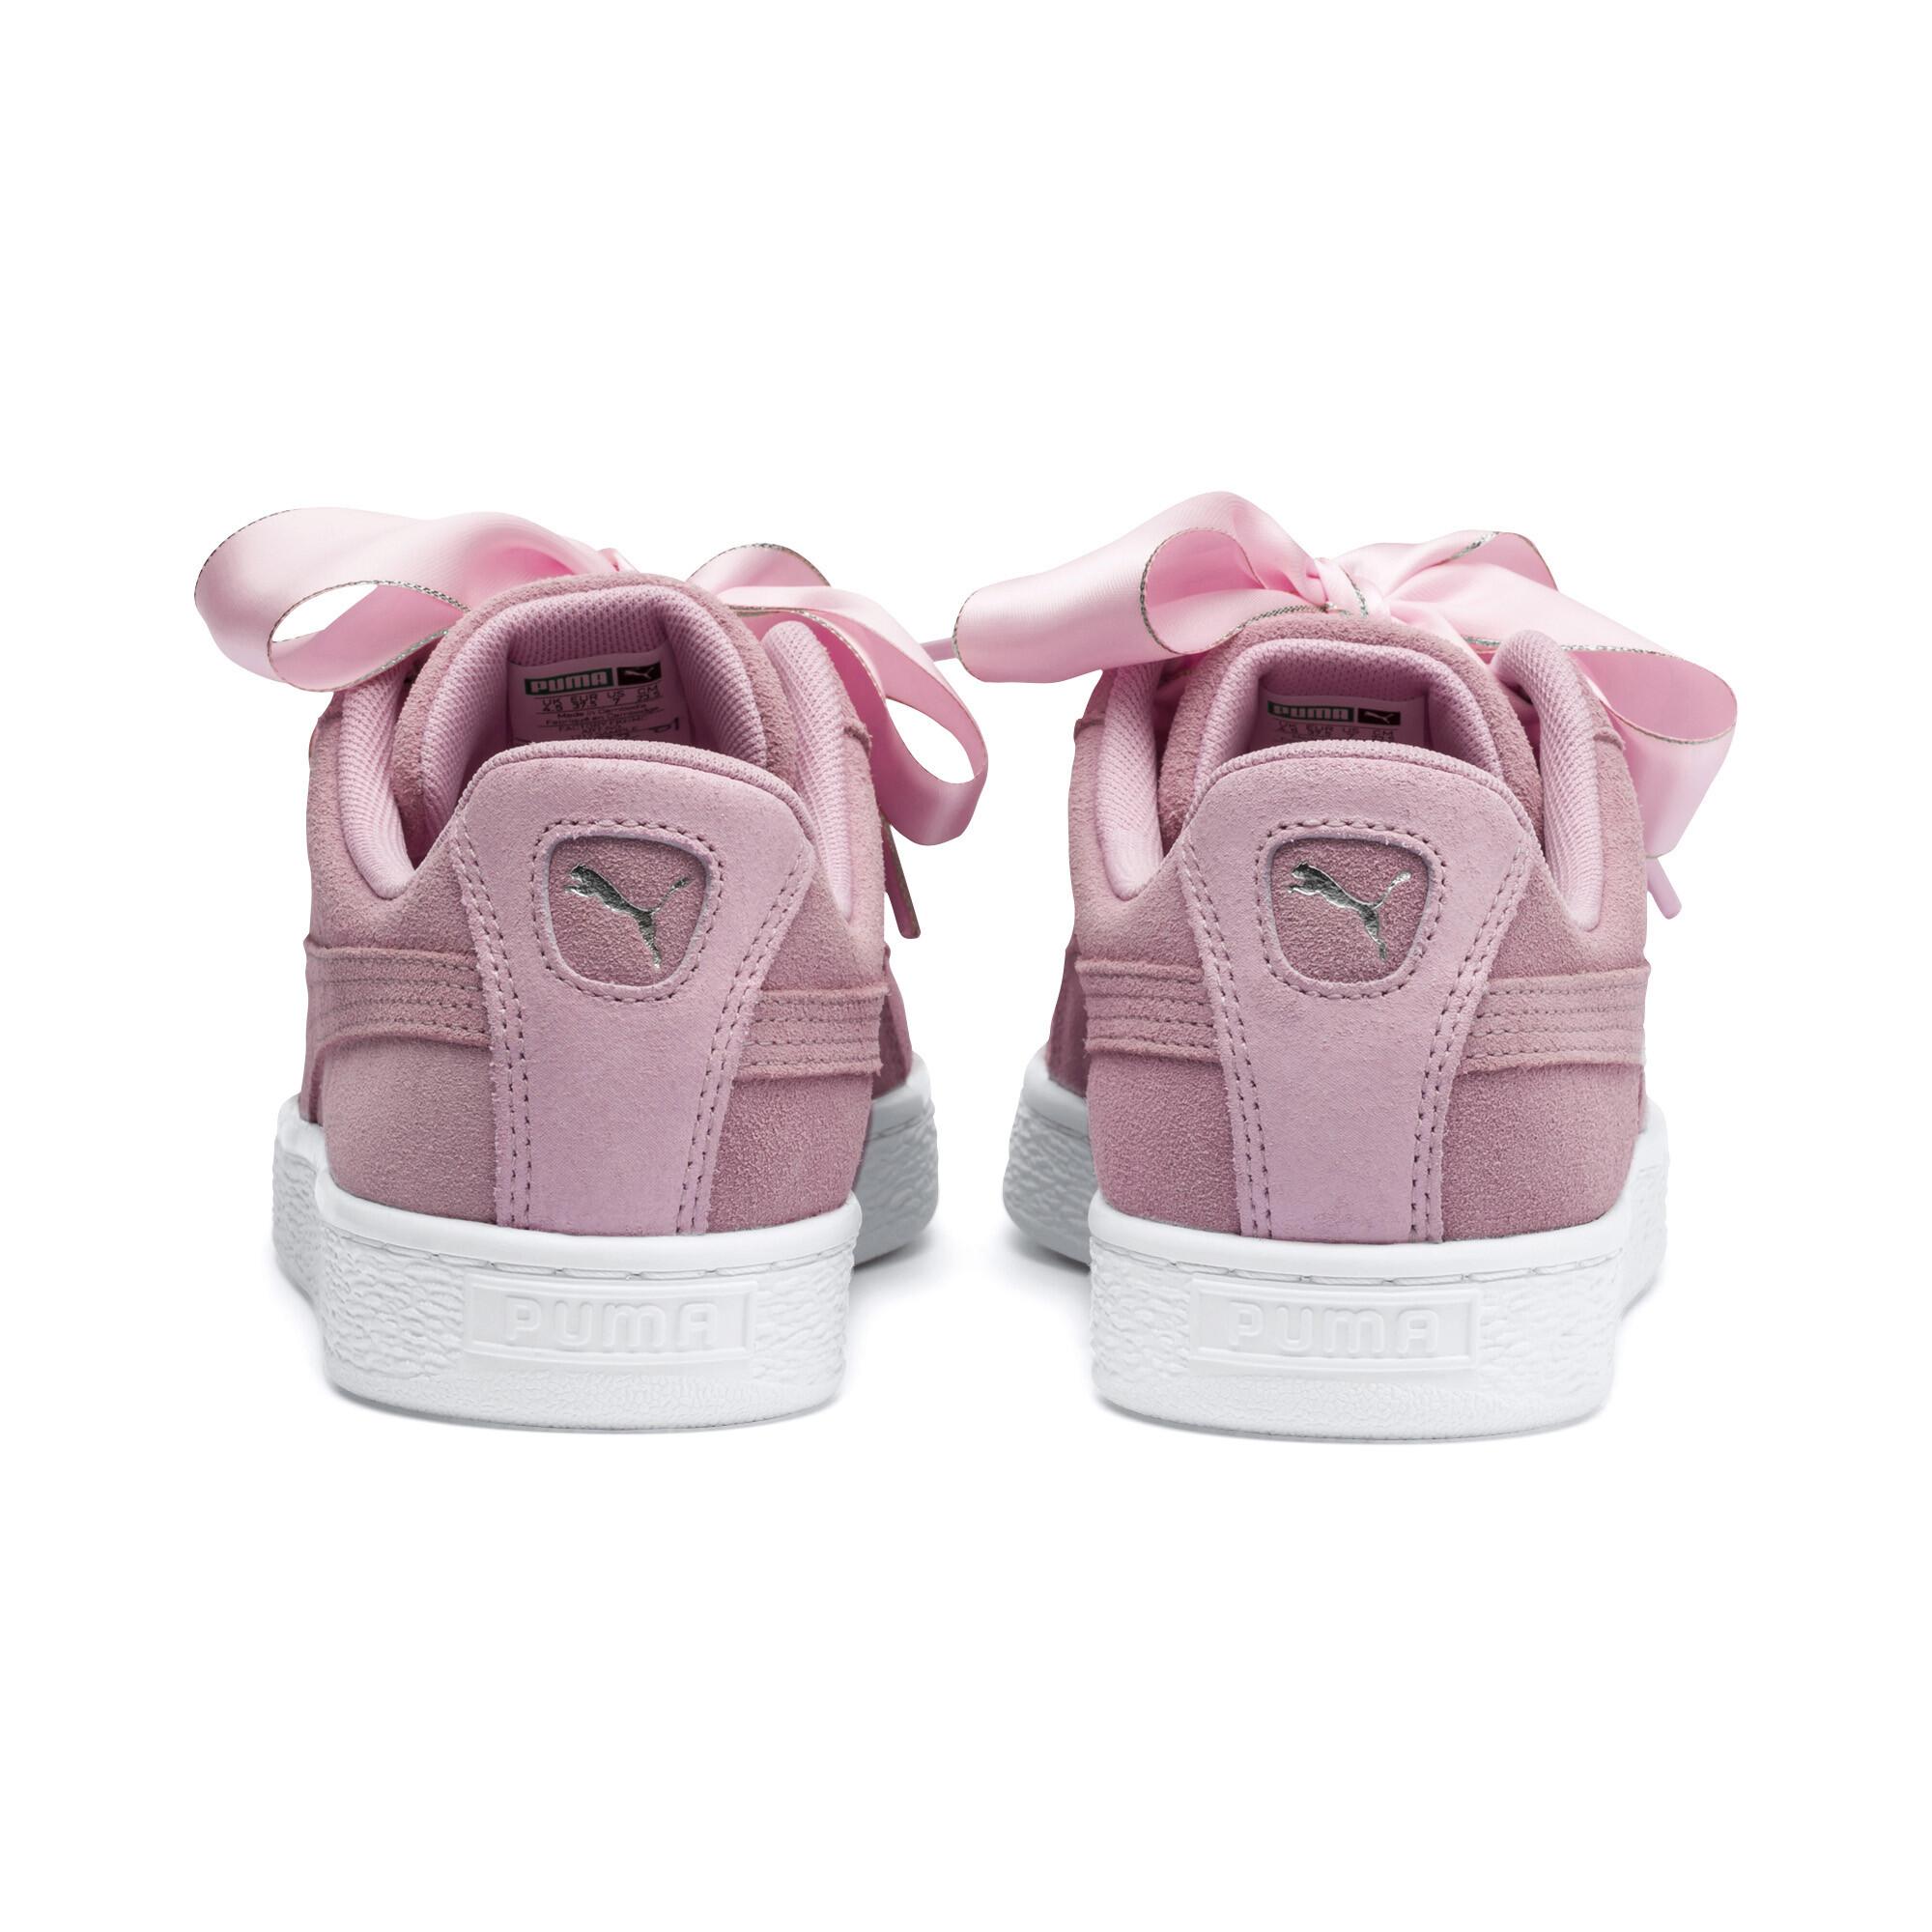 Details zu PUMA Suede Heart Galaxy Damen Sneaker Frauen Schuhe Sport Classics Neu